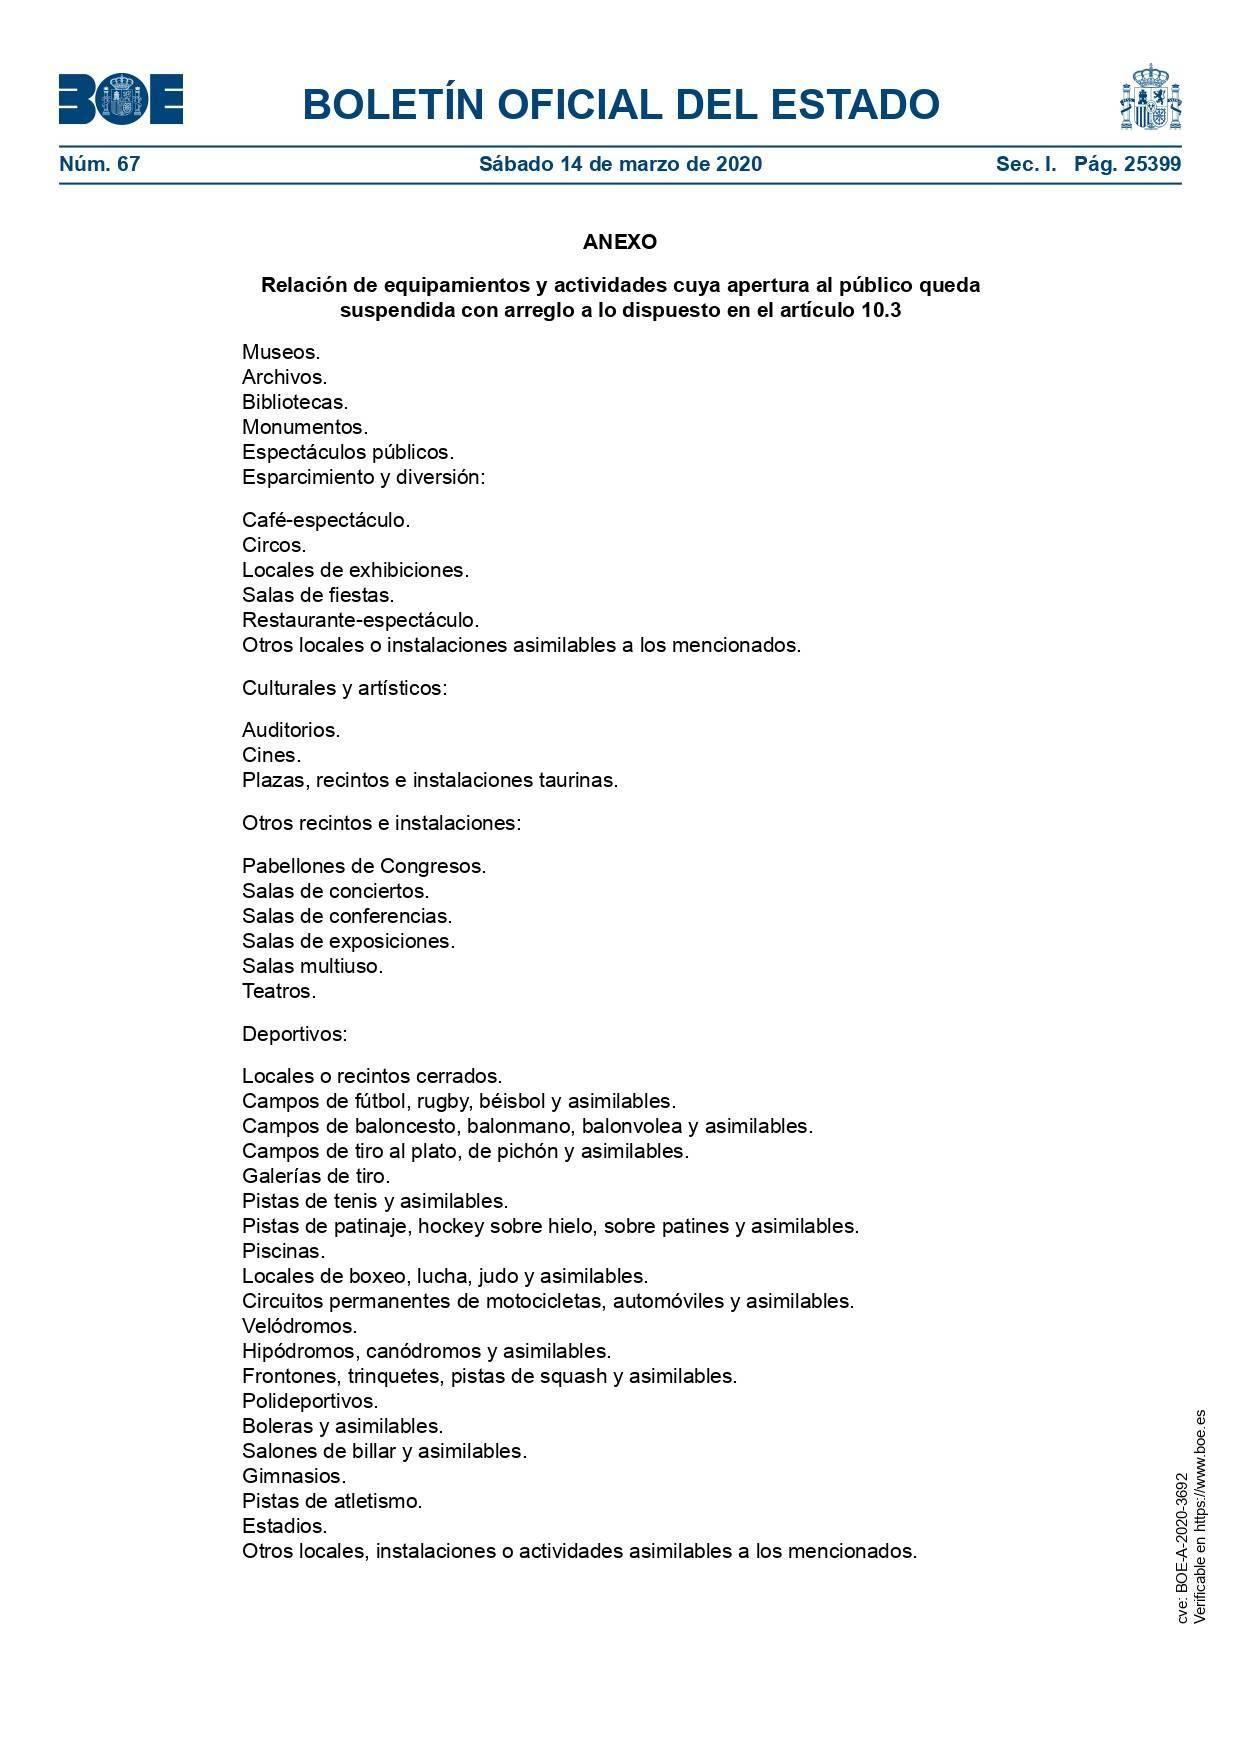 Medidas estado de alarma por el coronavirus 2020 10